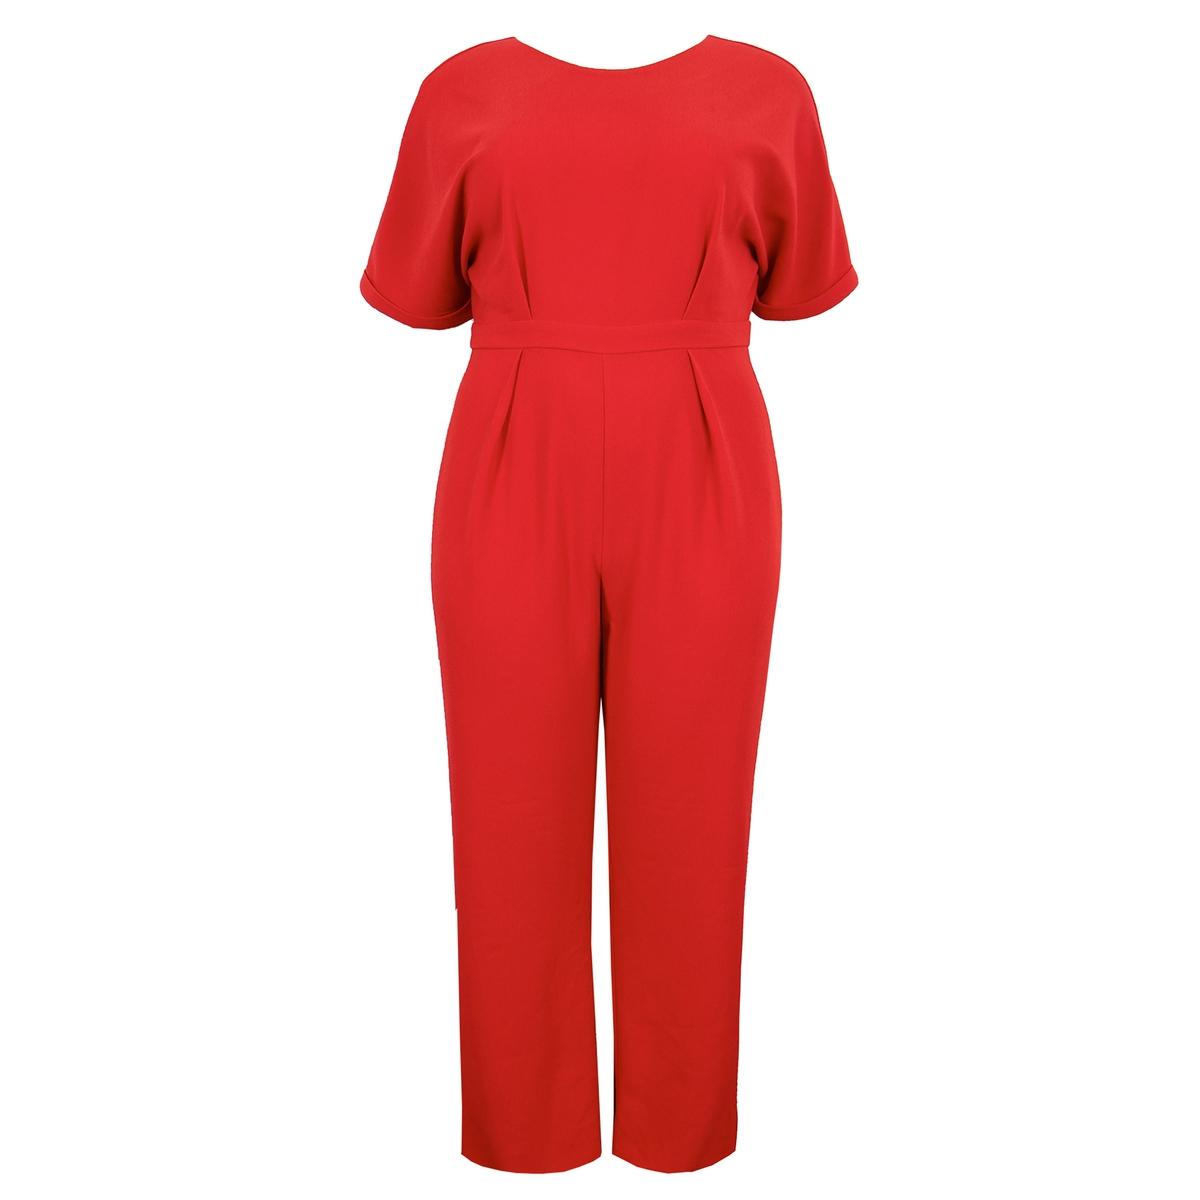 Комбинезон La Redoute С брюками широкого покроя 58/60 (FR) - 64/66 (RUS) красный